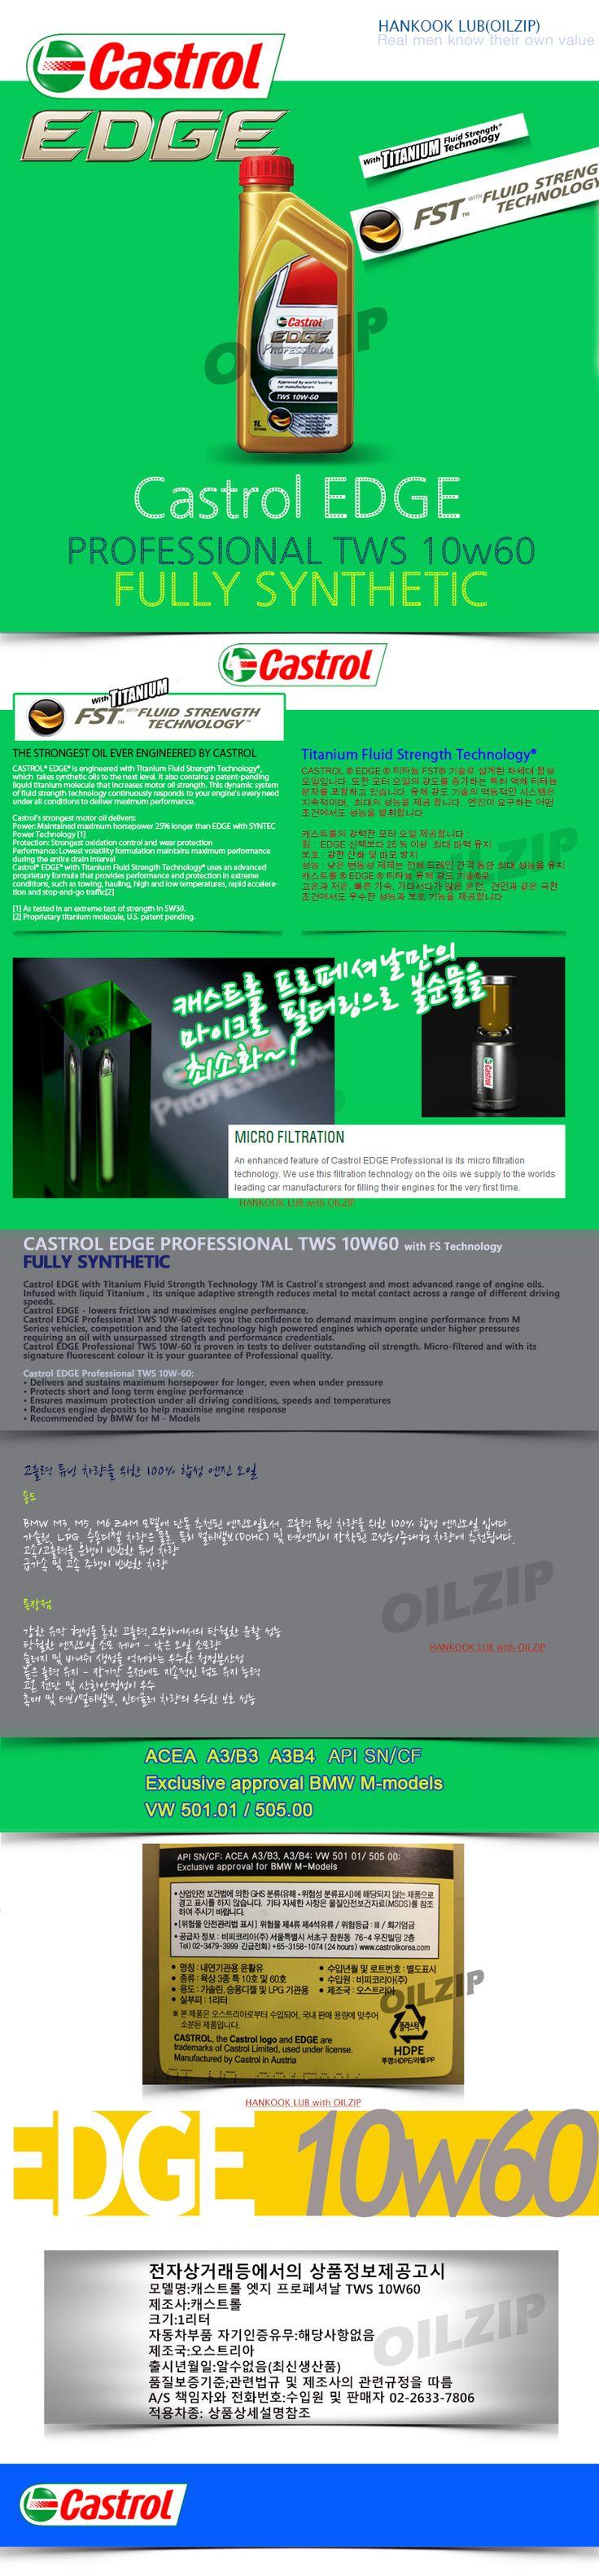 캐스트롤 엣지 프로페셔날 TWS 10W-60(1L), 한국윤활유 : 스토어팜